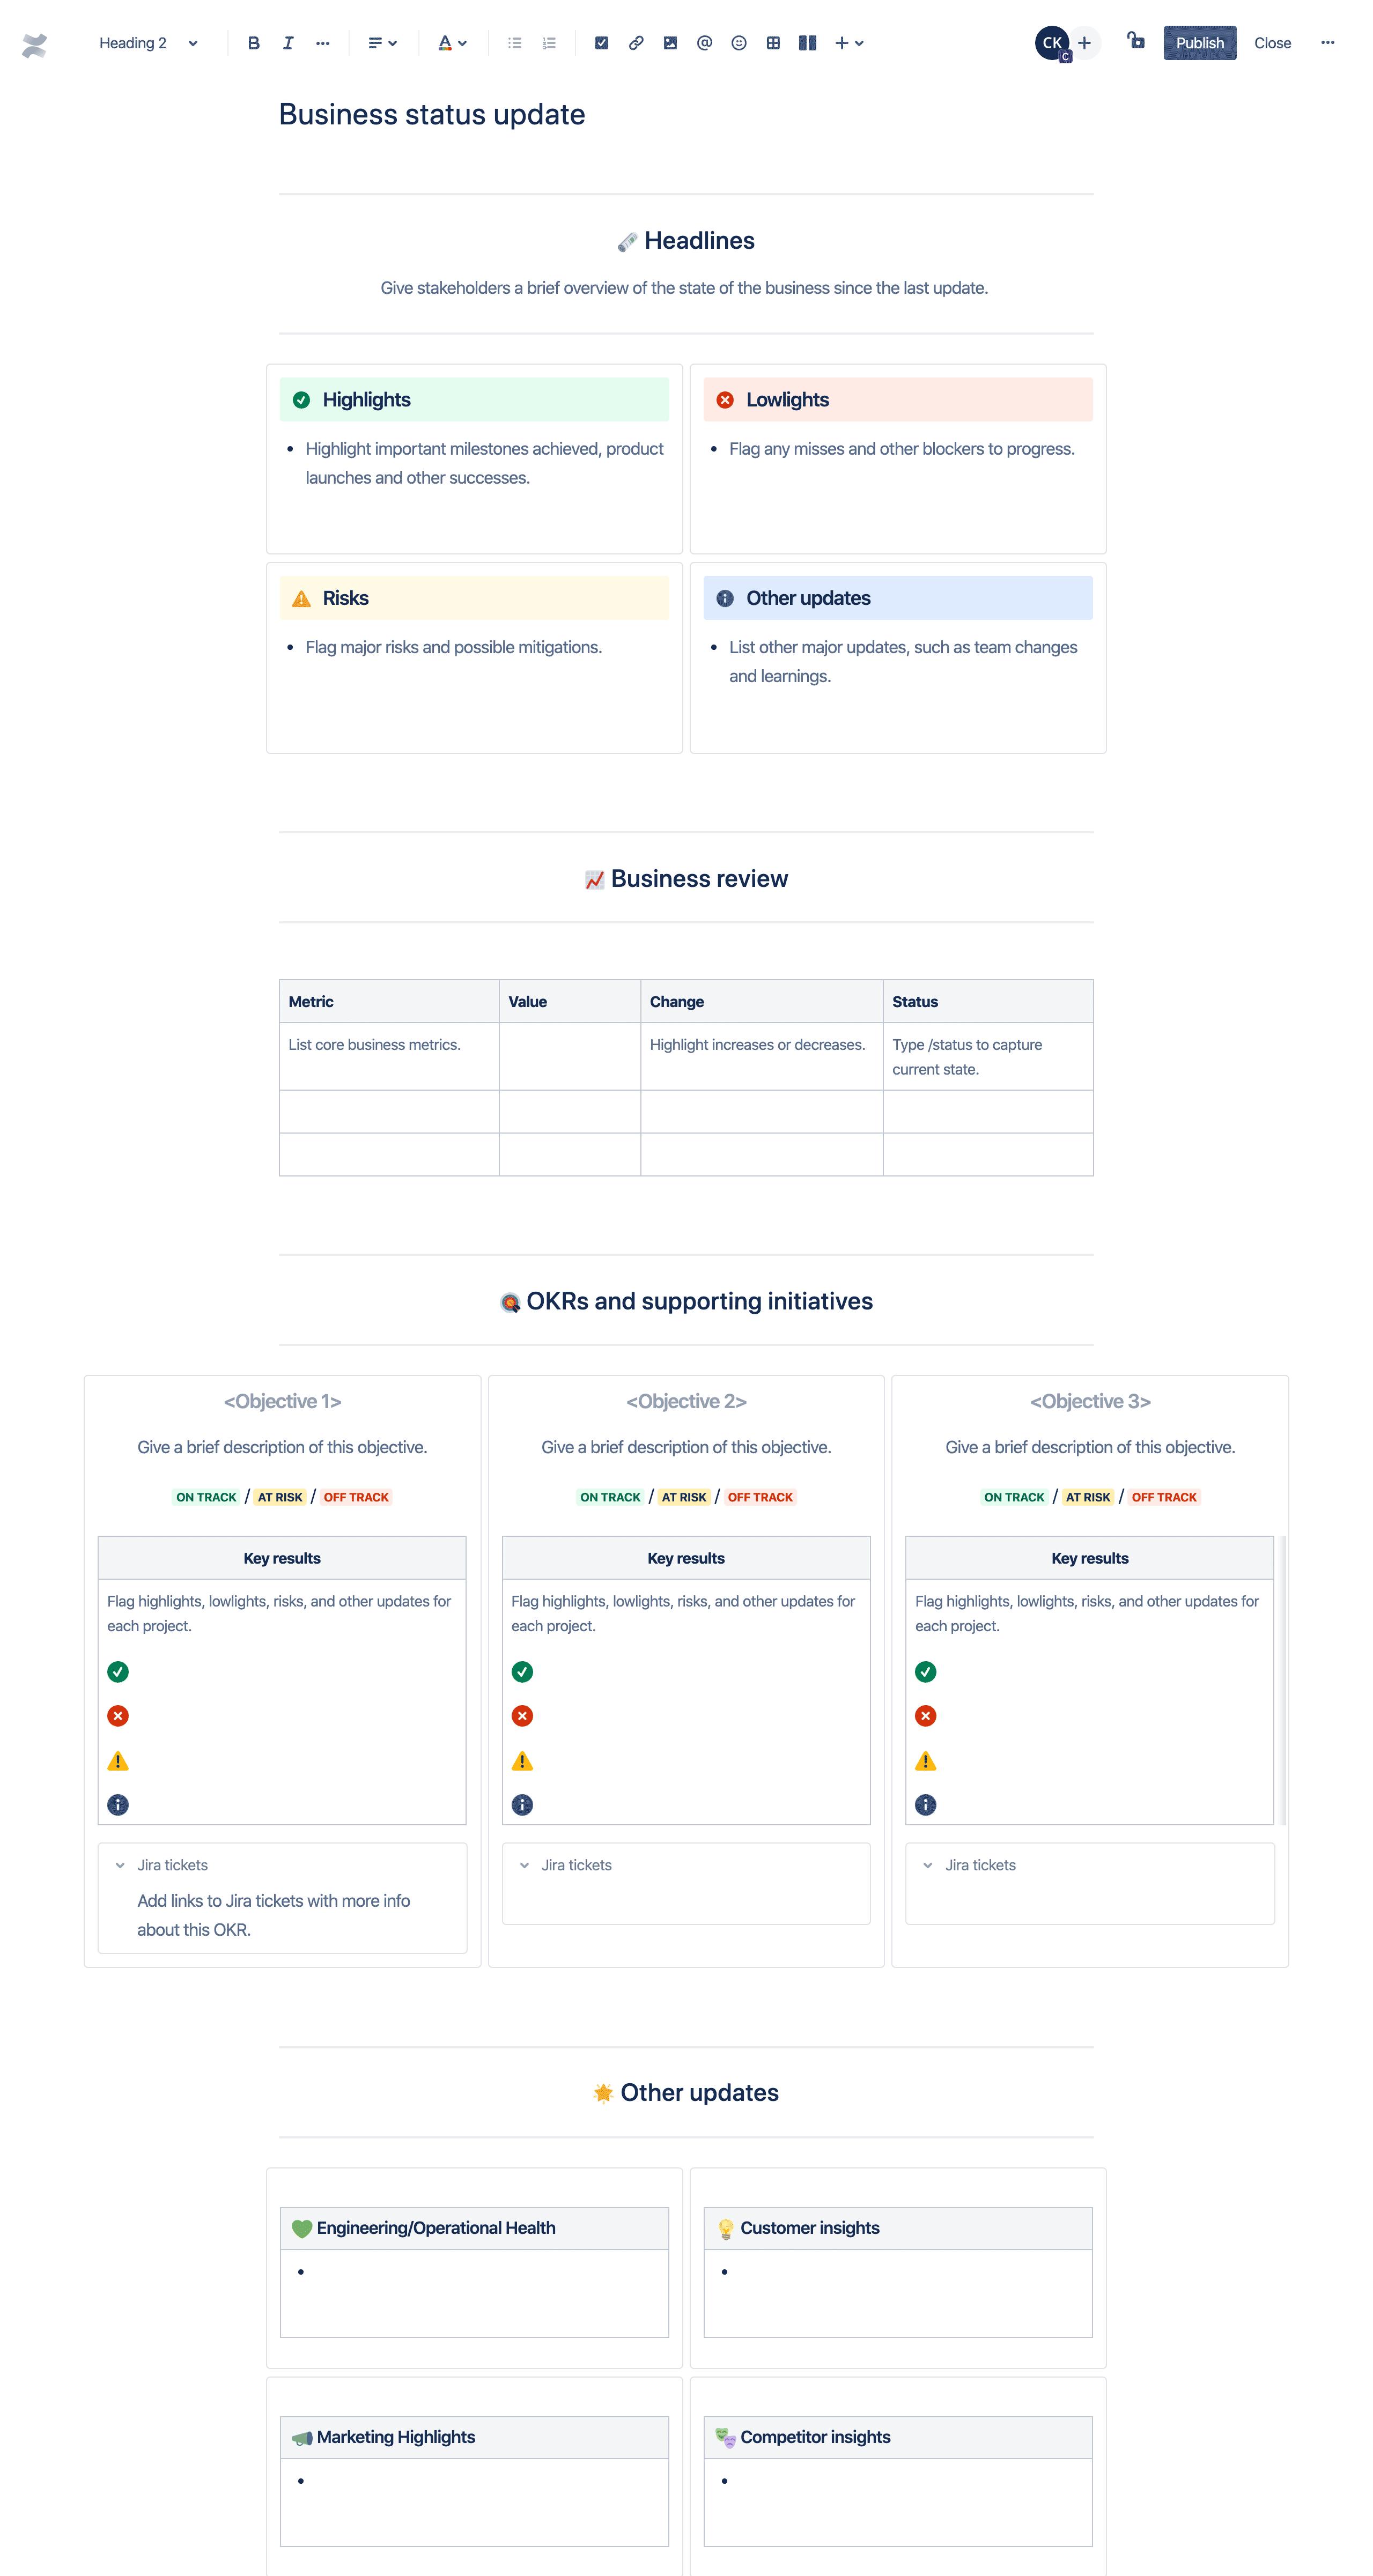 Szablon aktualizacji stanu działalności